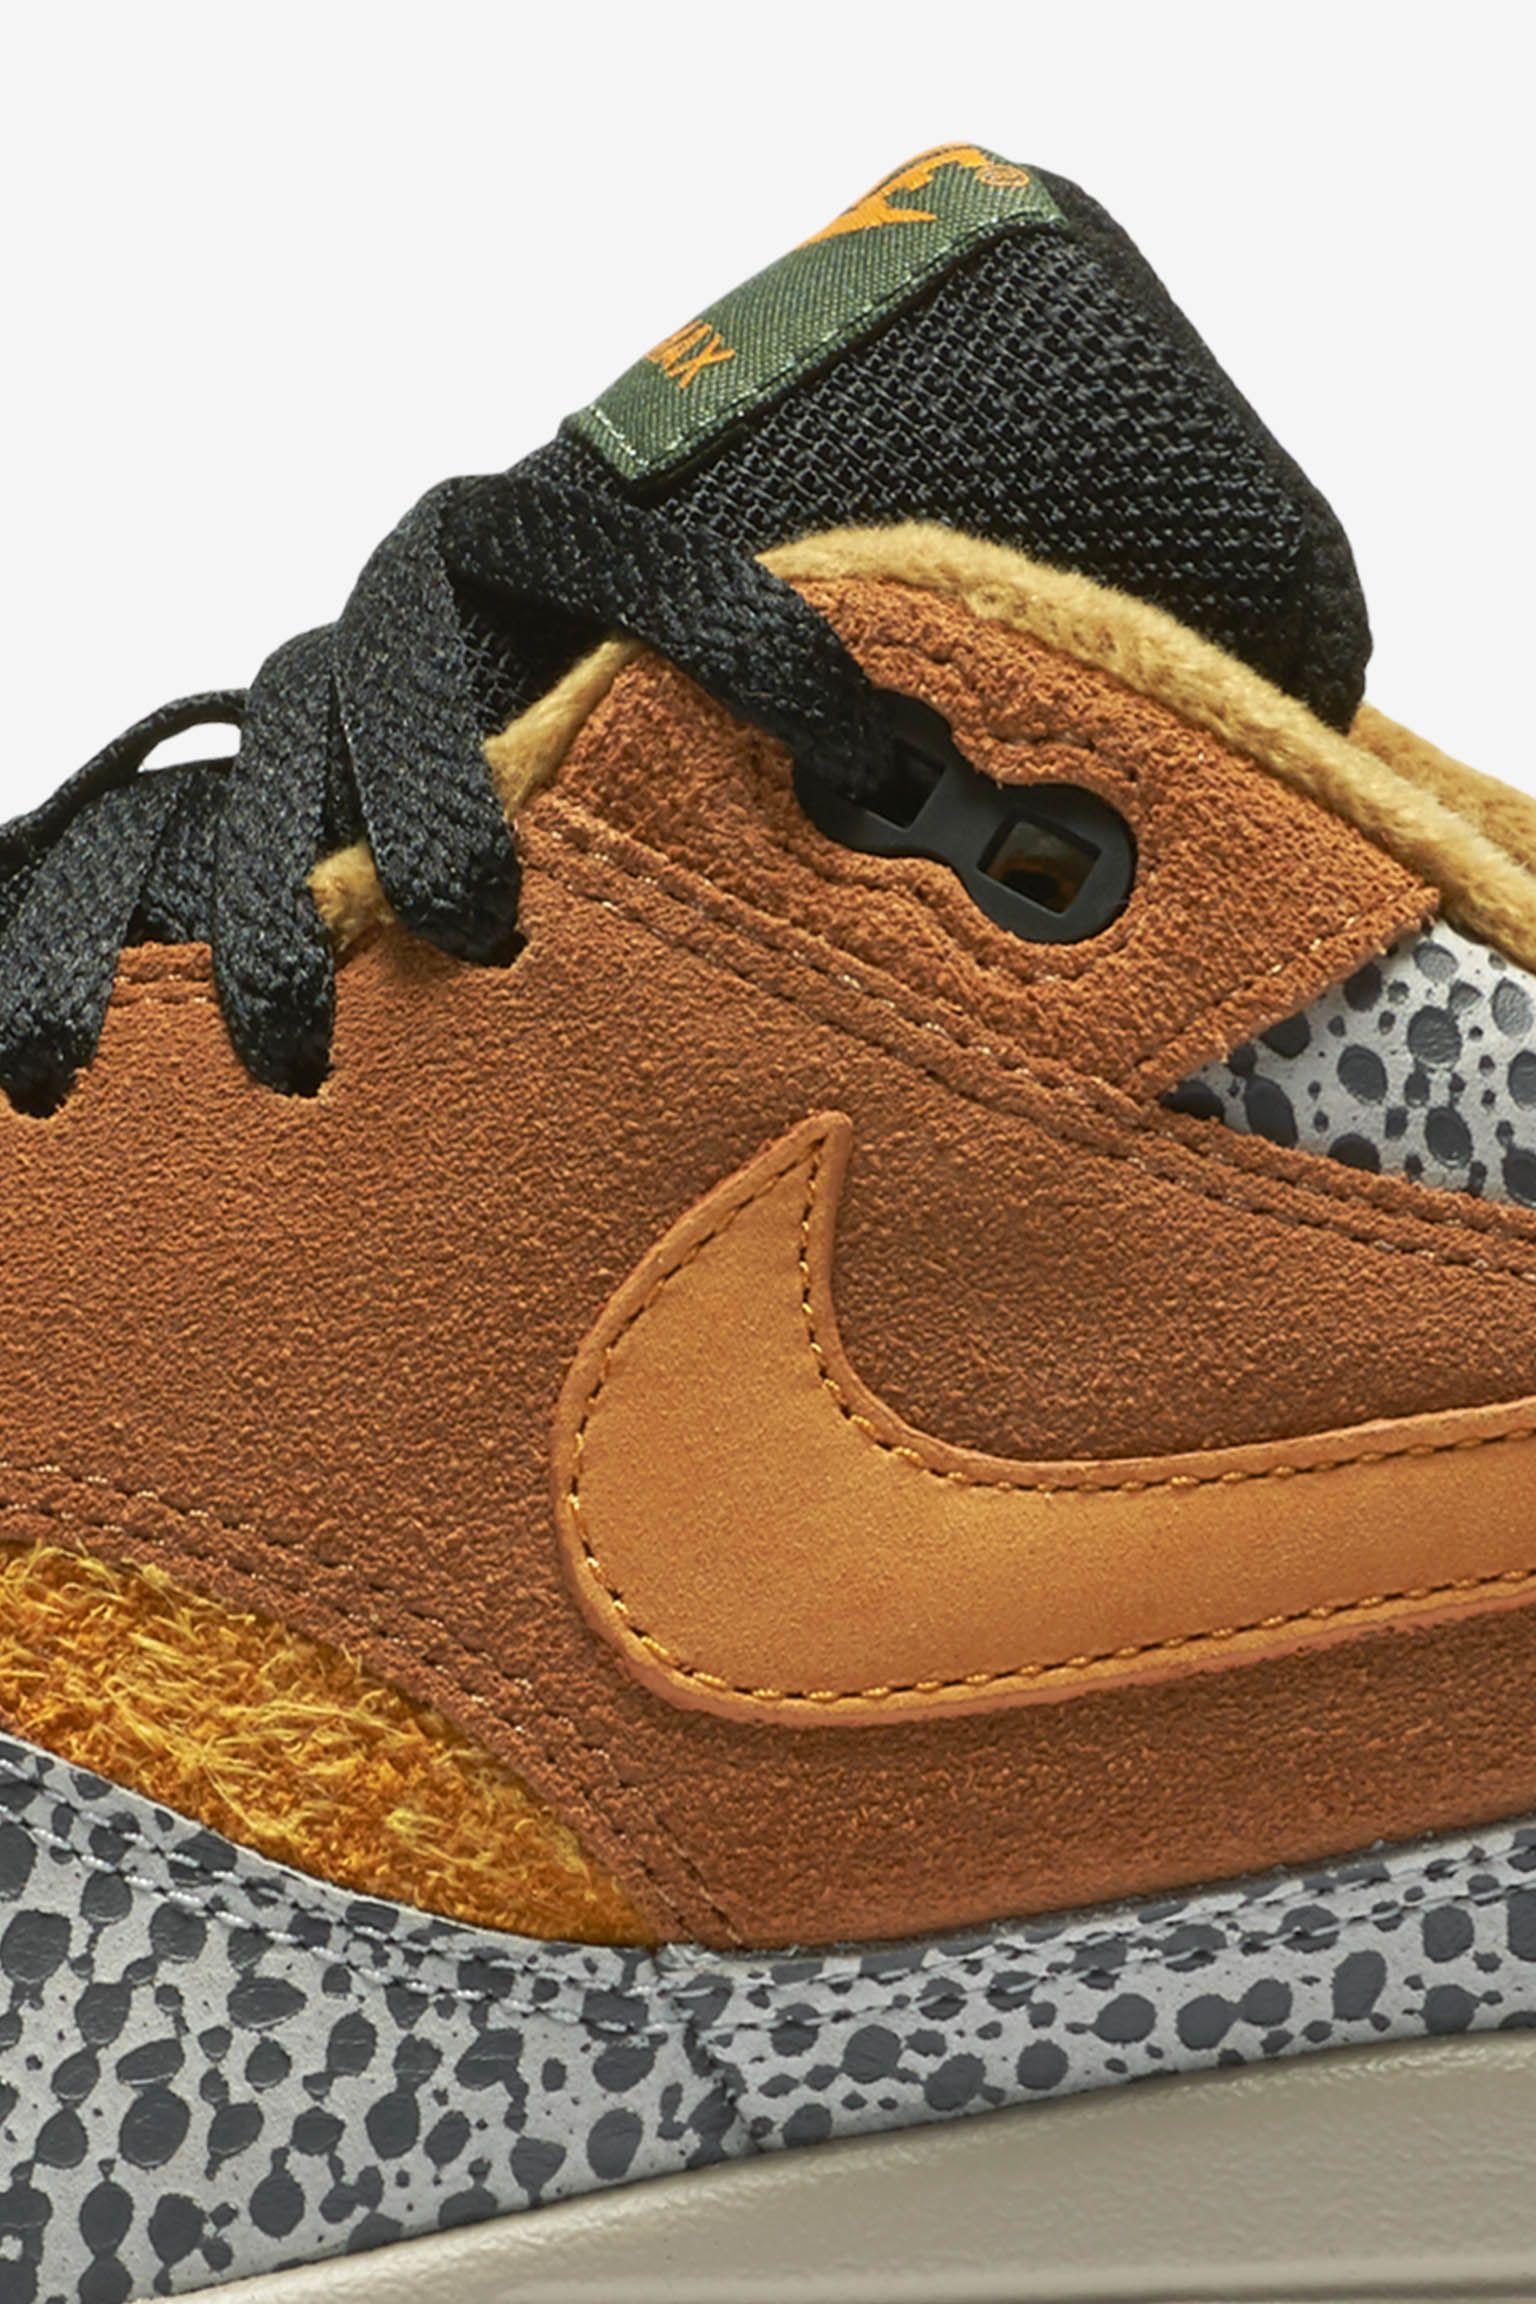 Nike Air Max 1 'Safari' Release Date